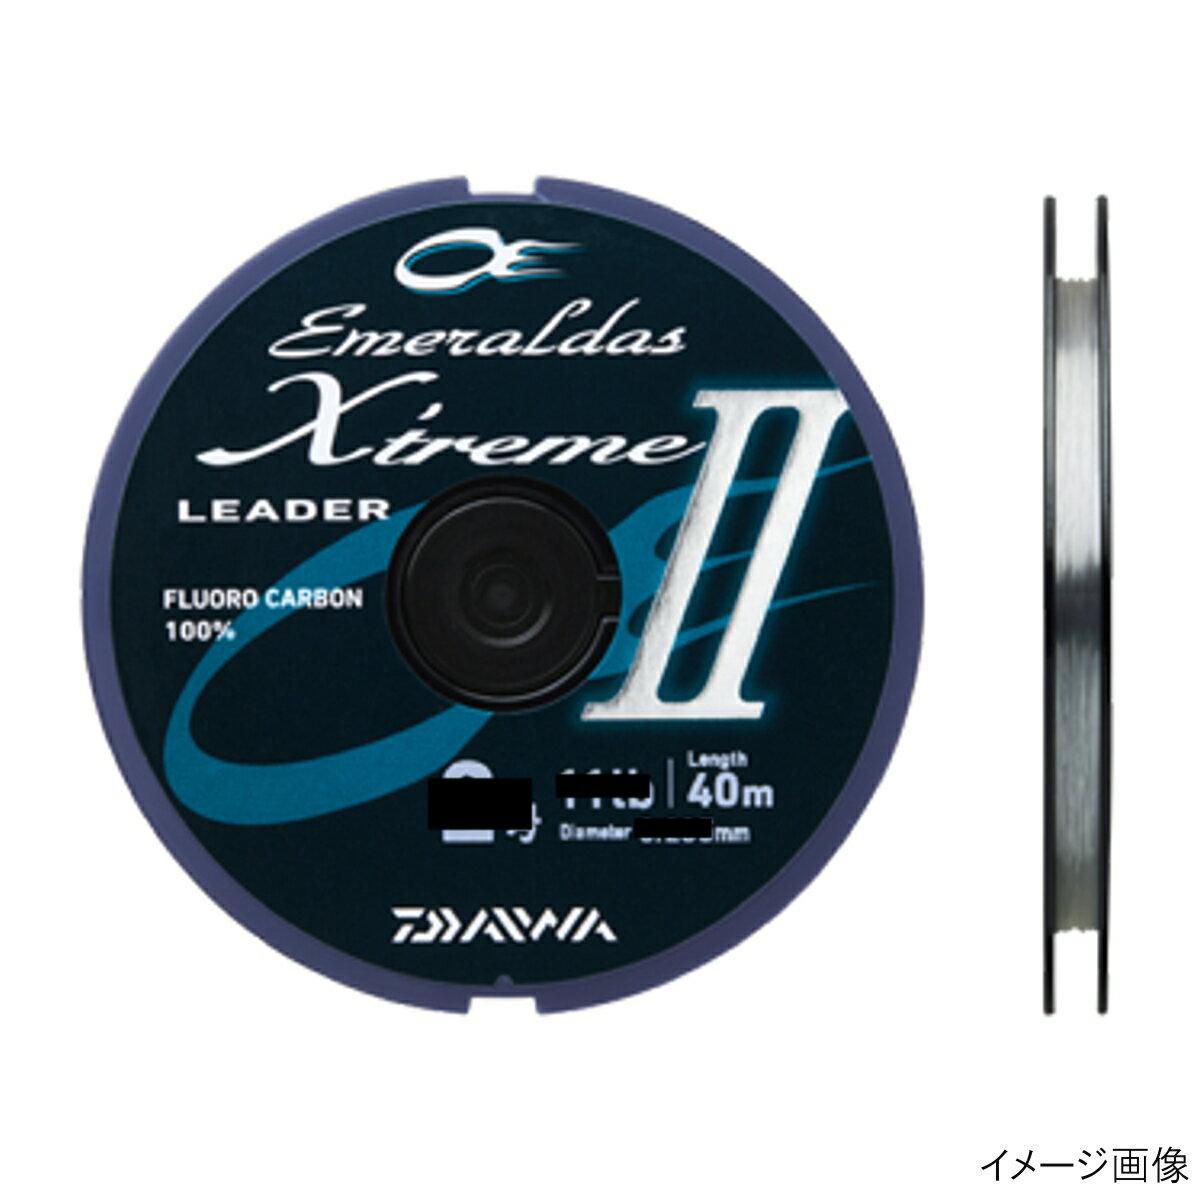 ダイワ エメラルダス リーダー エクストリーム II 40m 2.5号 ナチュラル【ゆうパケット】